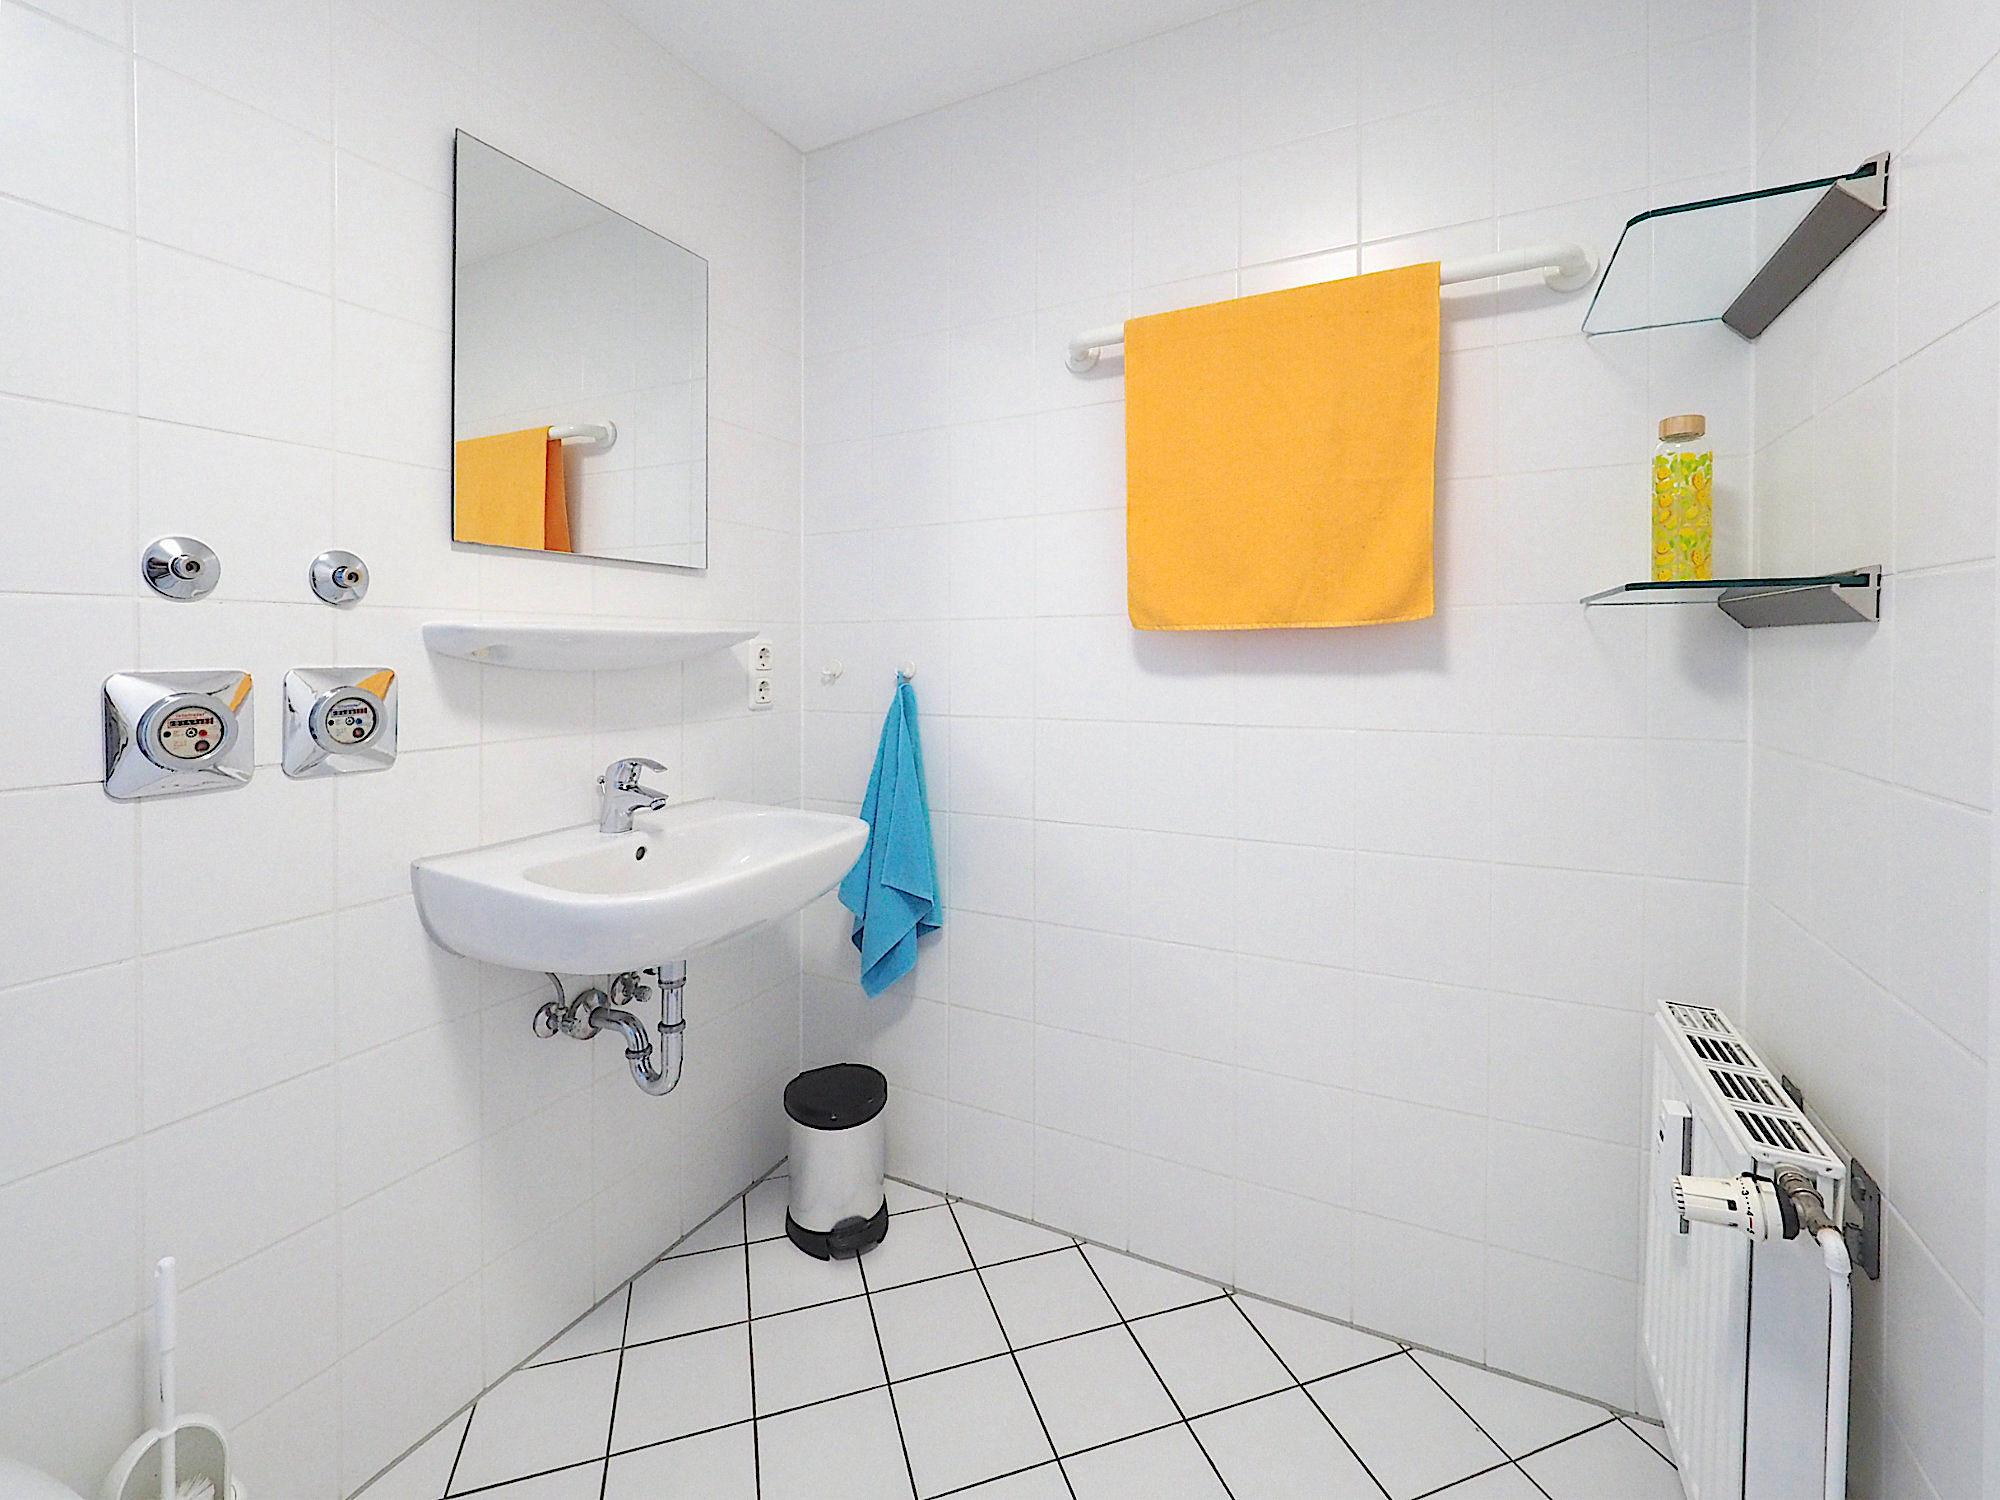 Duschbad mit Waschbecken und Regalen